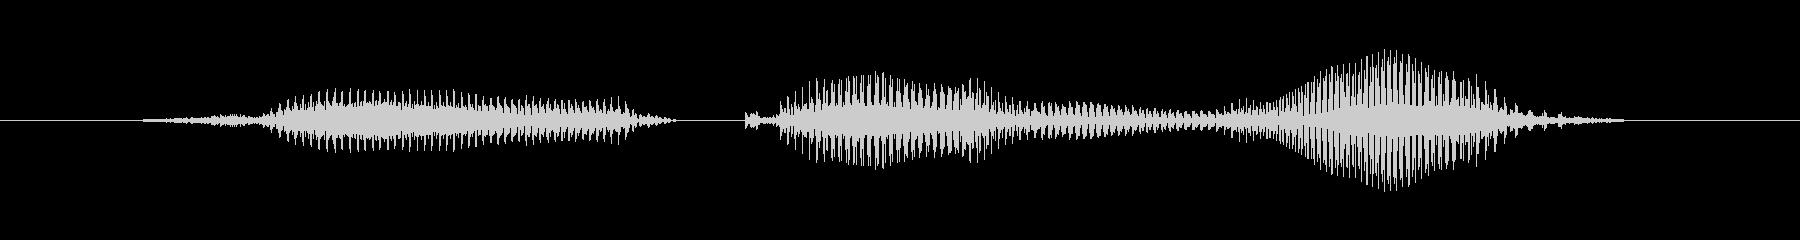 クイズ 正解は…(関西弁)の未再生の波形